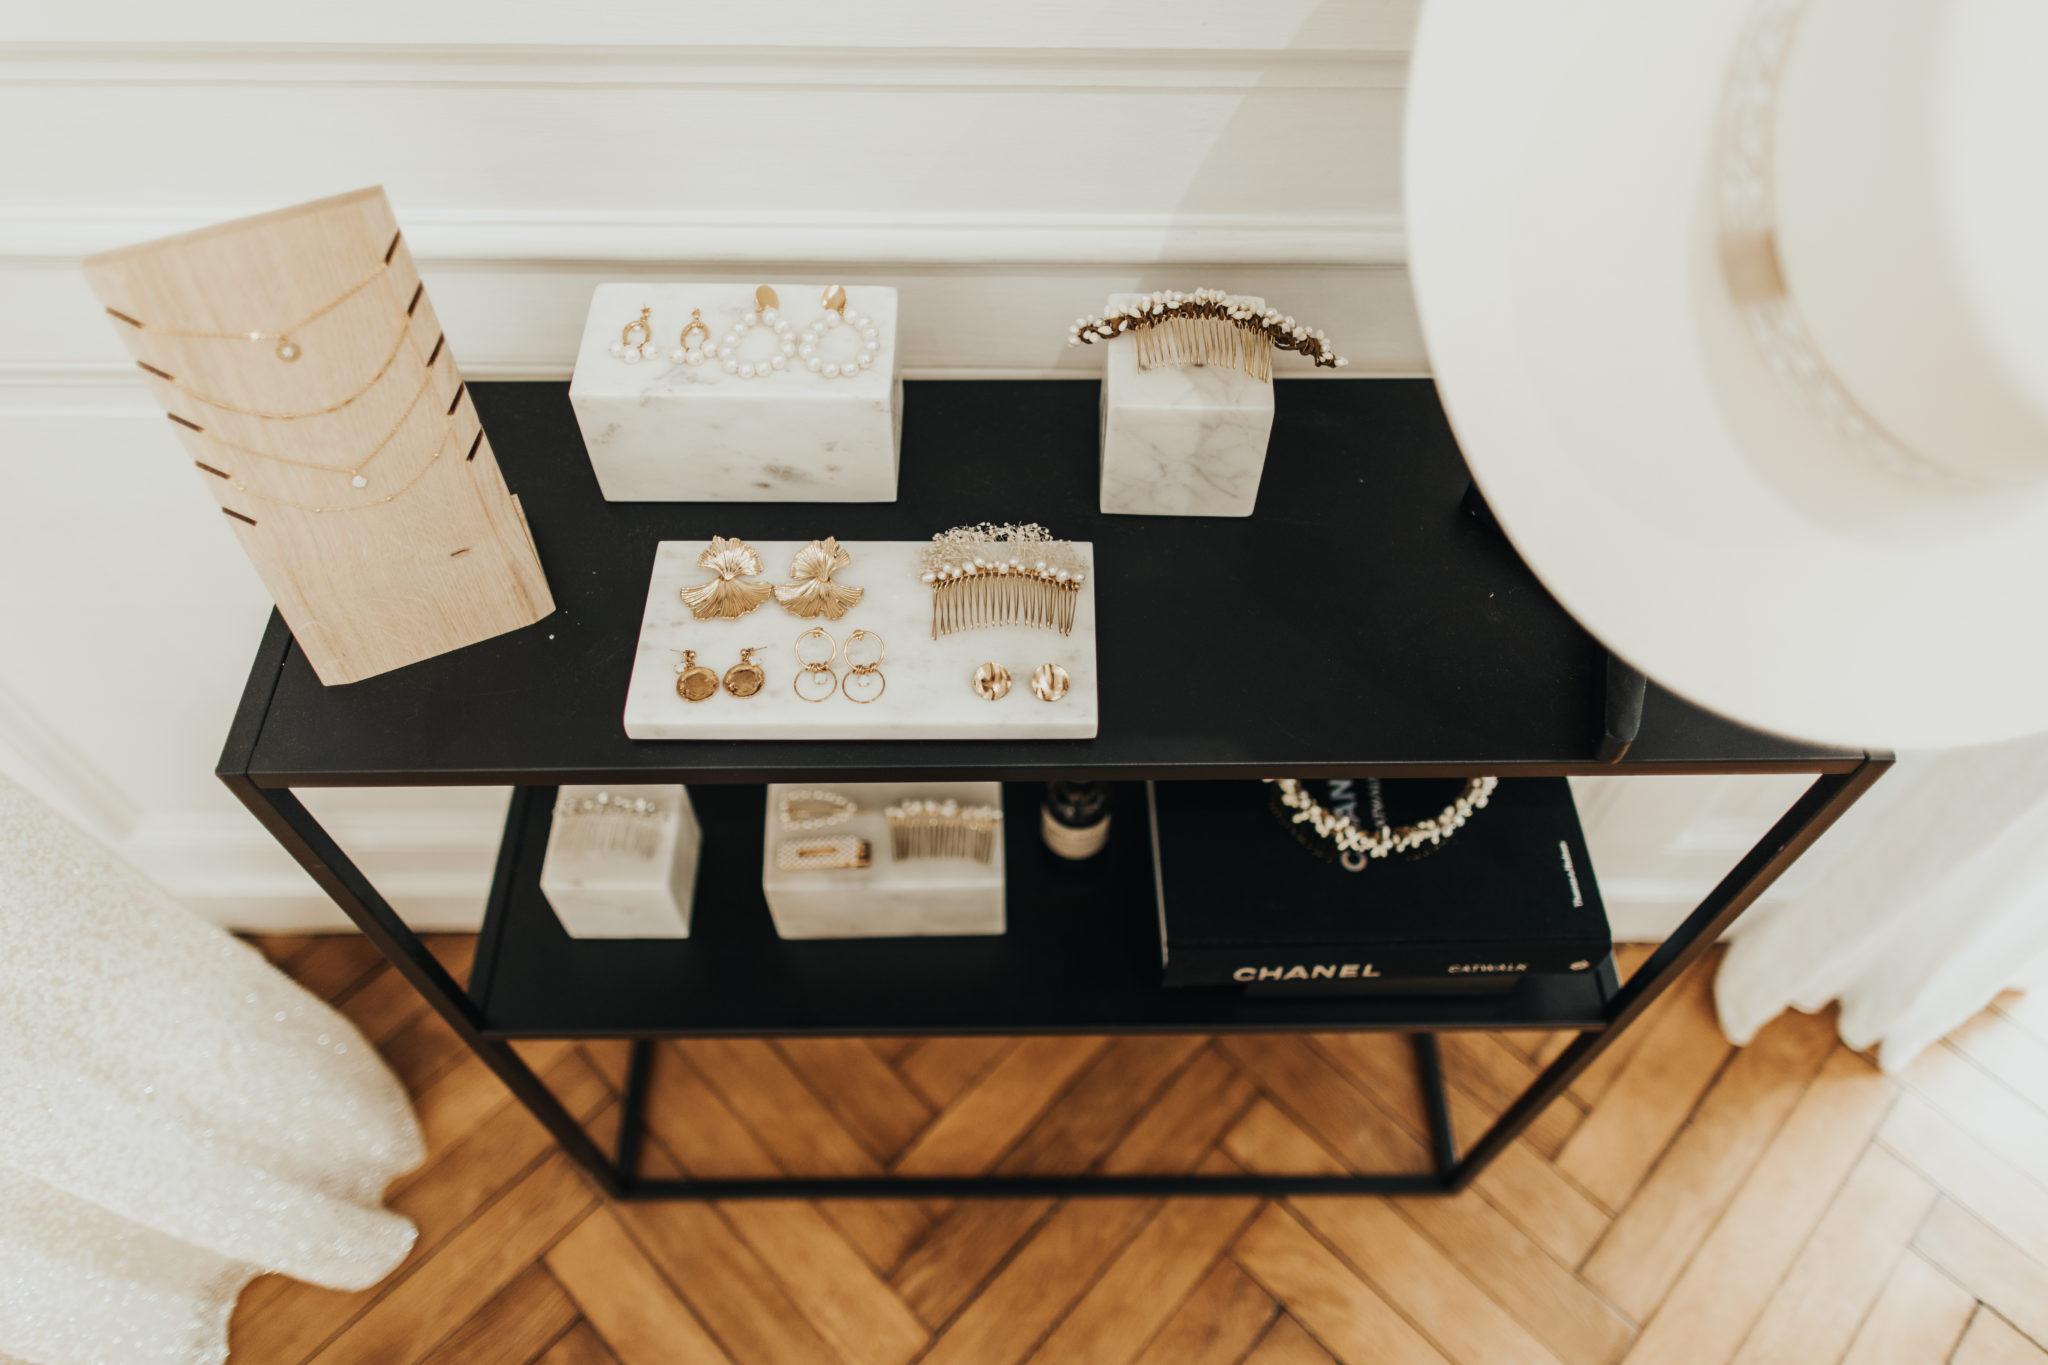 accompagnement-choix-personnalisation-bijoux-accessoire